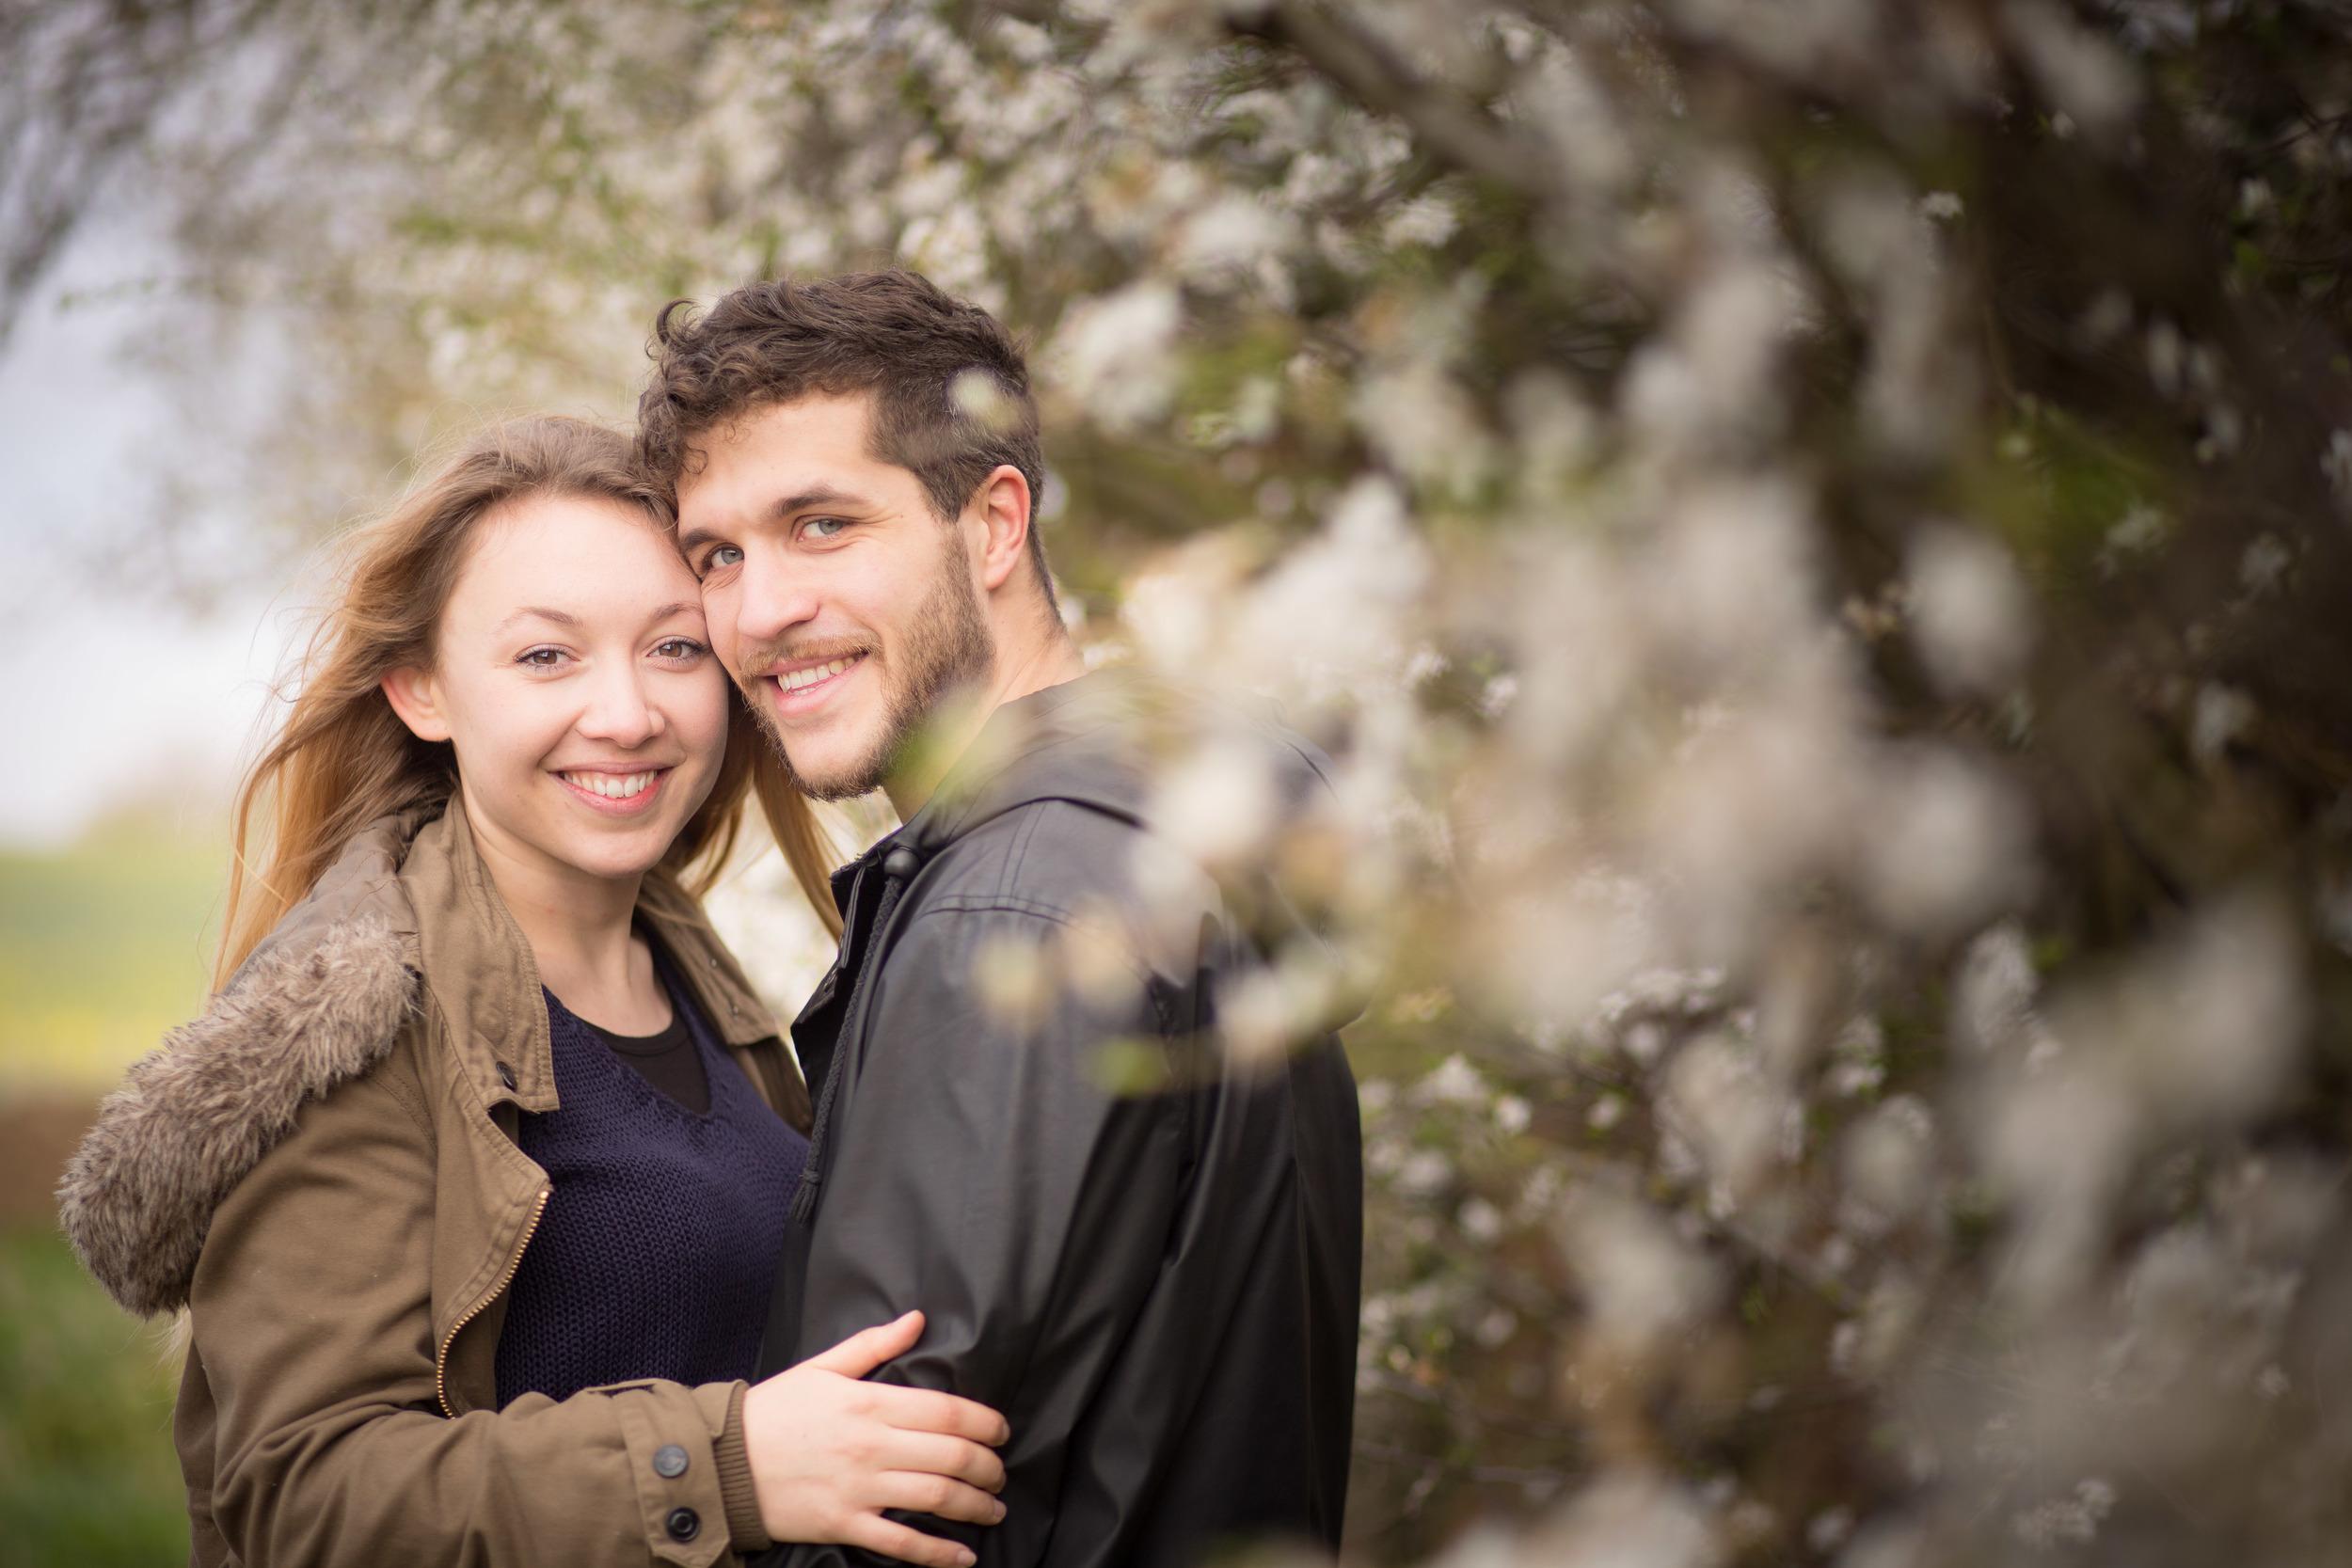 Pavenham-Bedfordshire-Engagement-Wedding-Photography-16